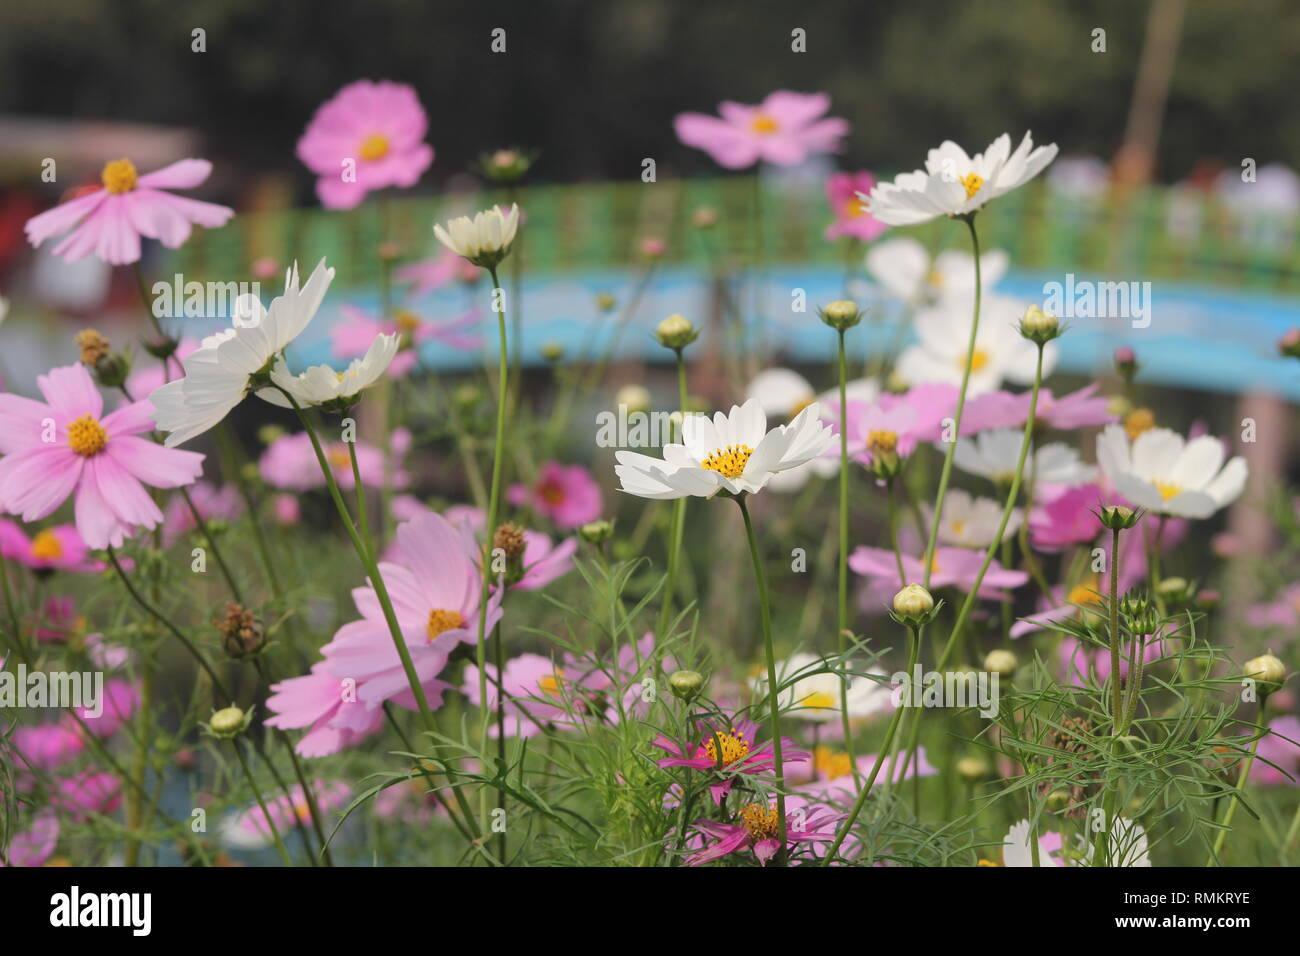 Bast phot background - Stock Image